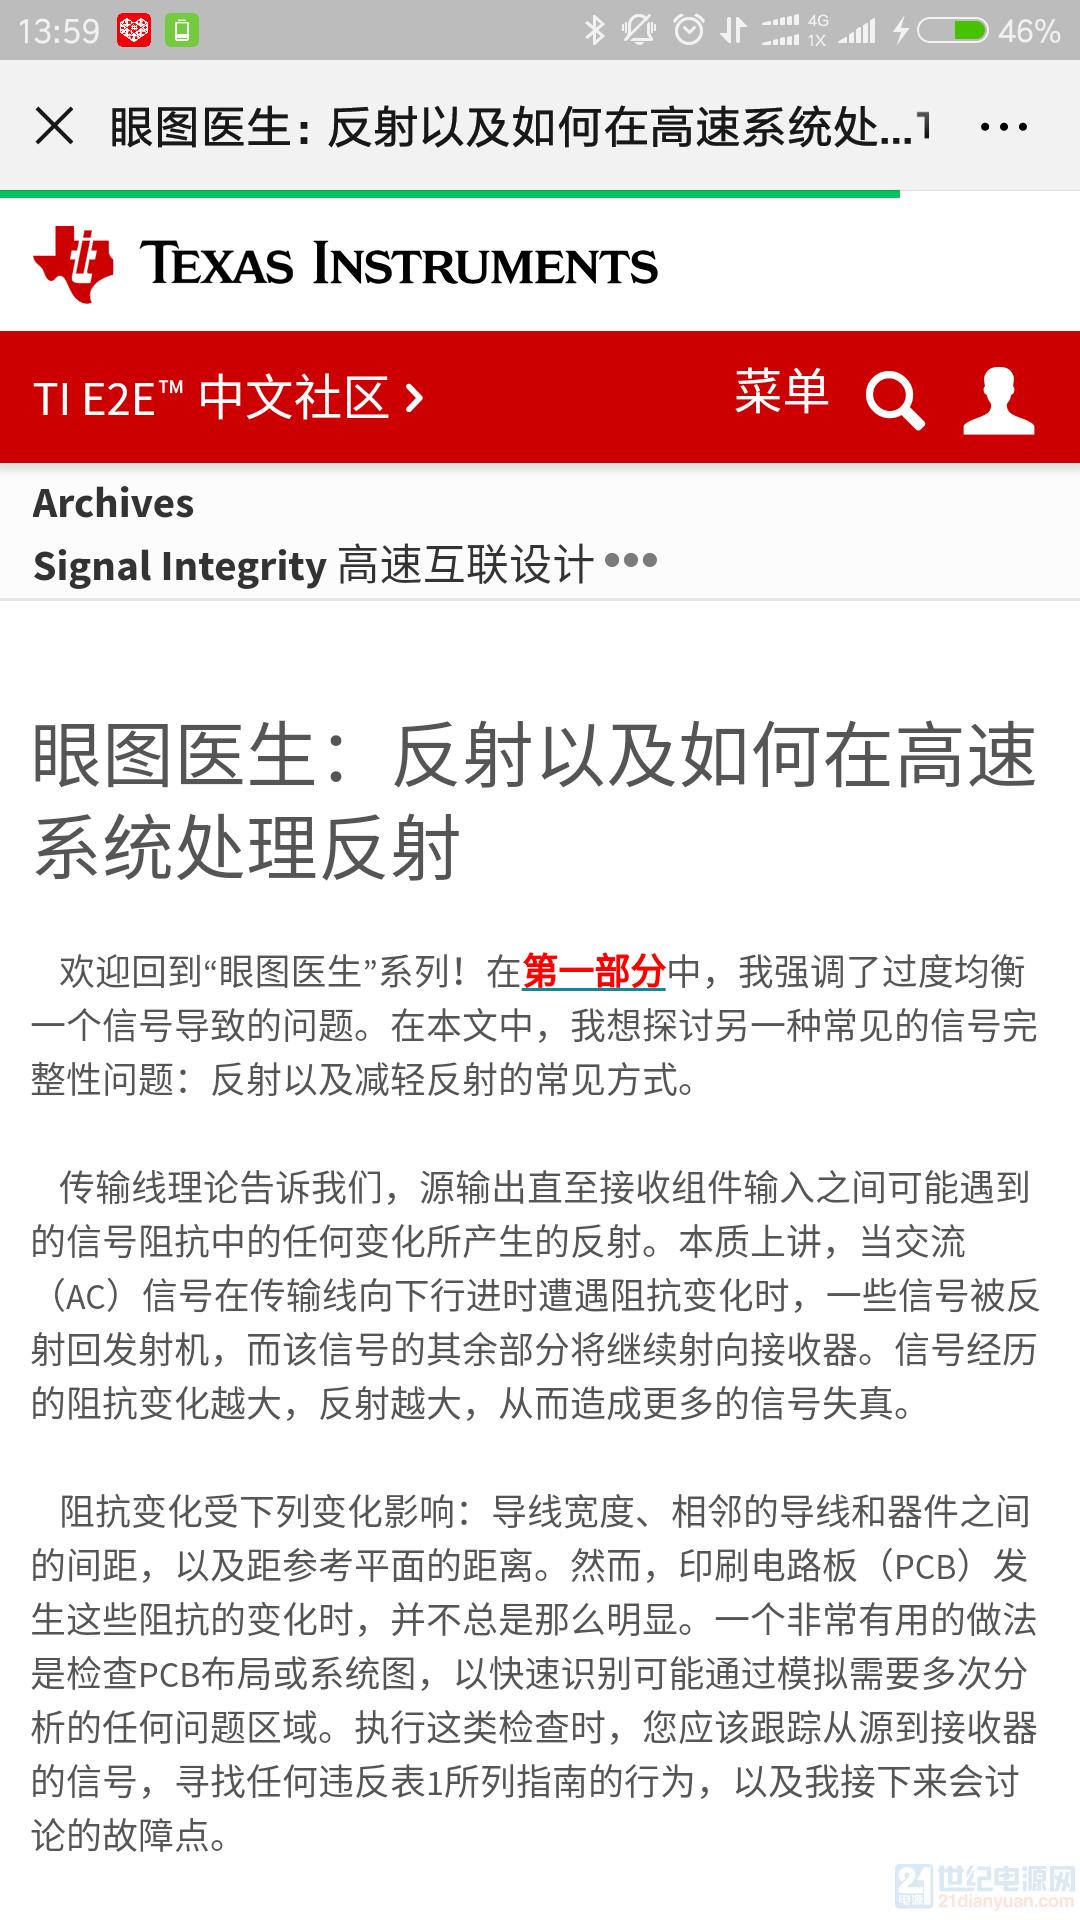 Screenshot_2019-11-01-13-59-56-126_com.tencent.mm.png